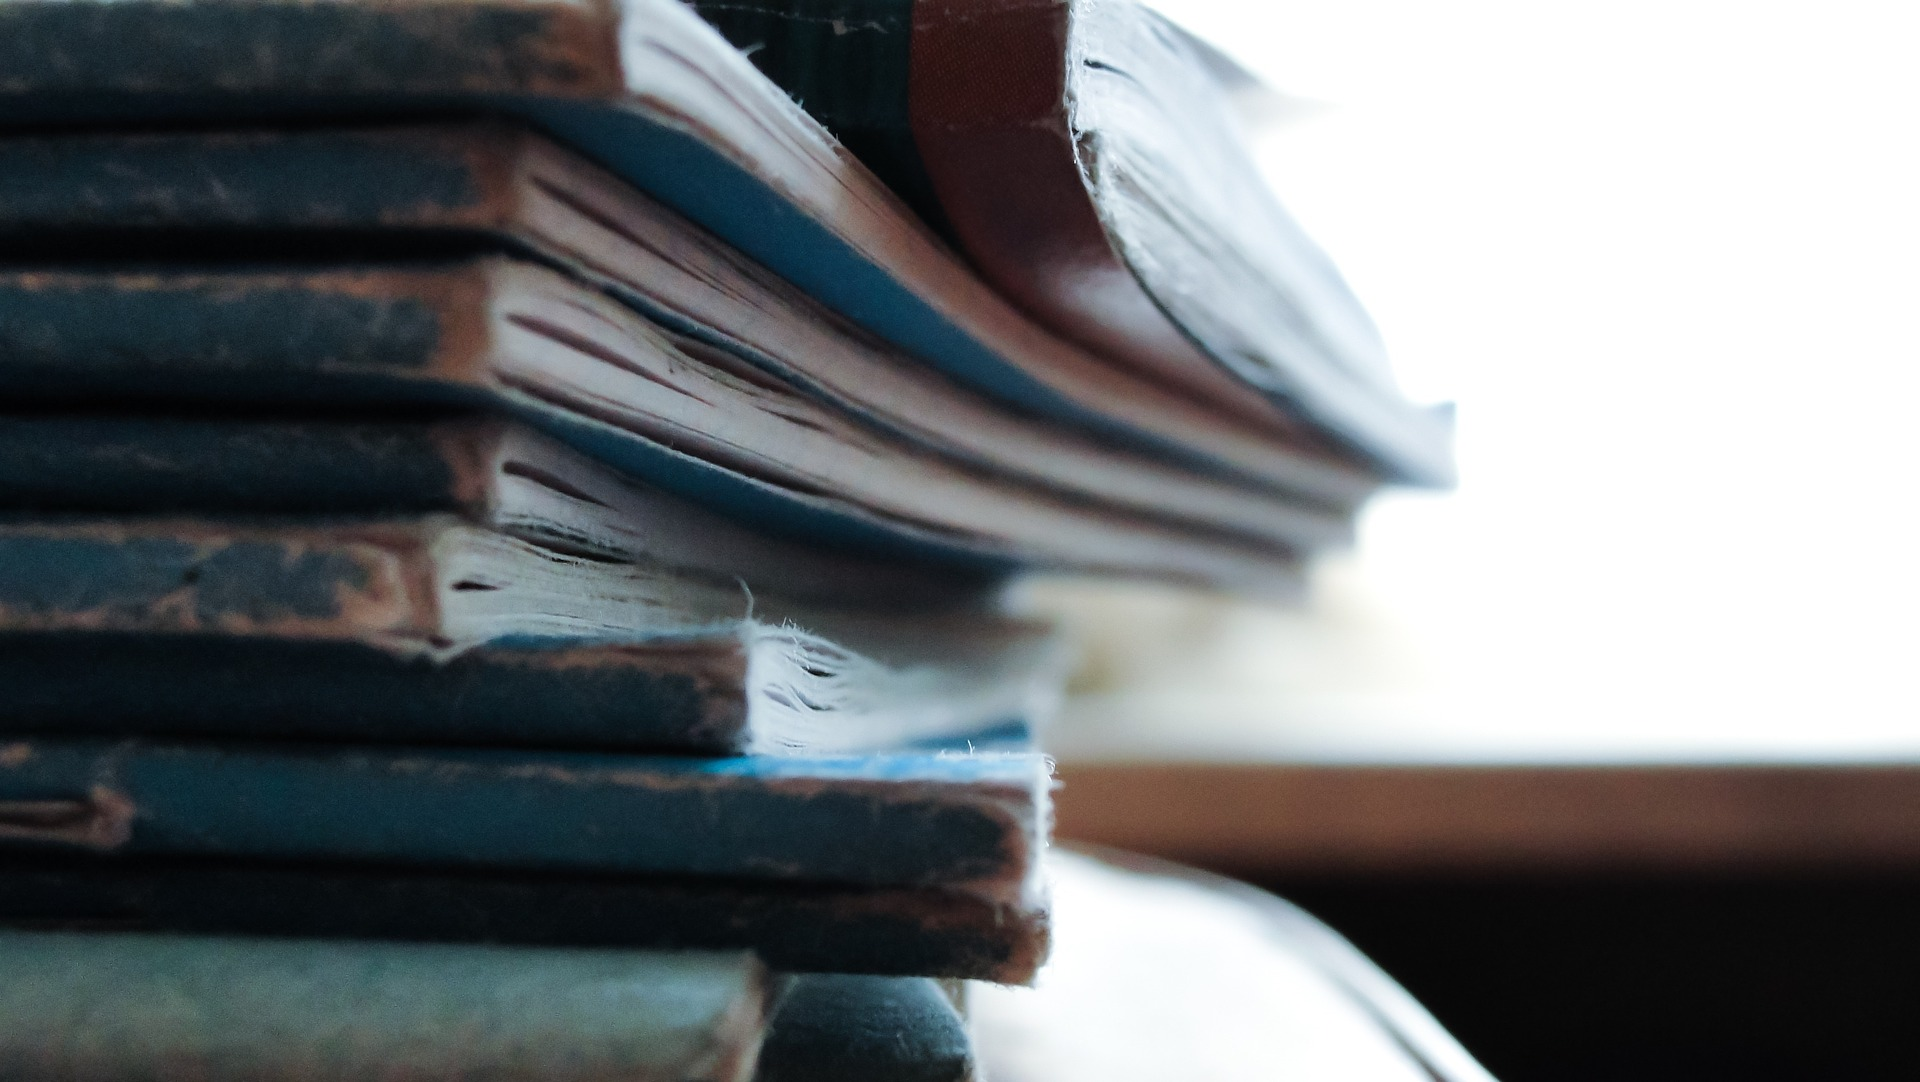 books-1031699_1920.jpg